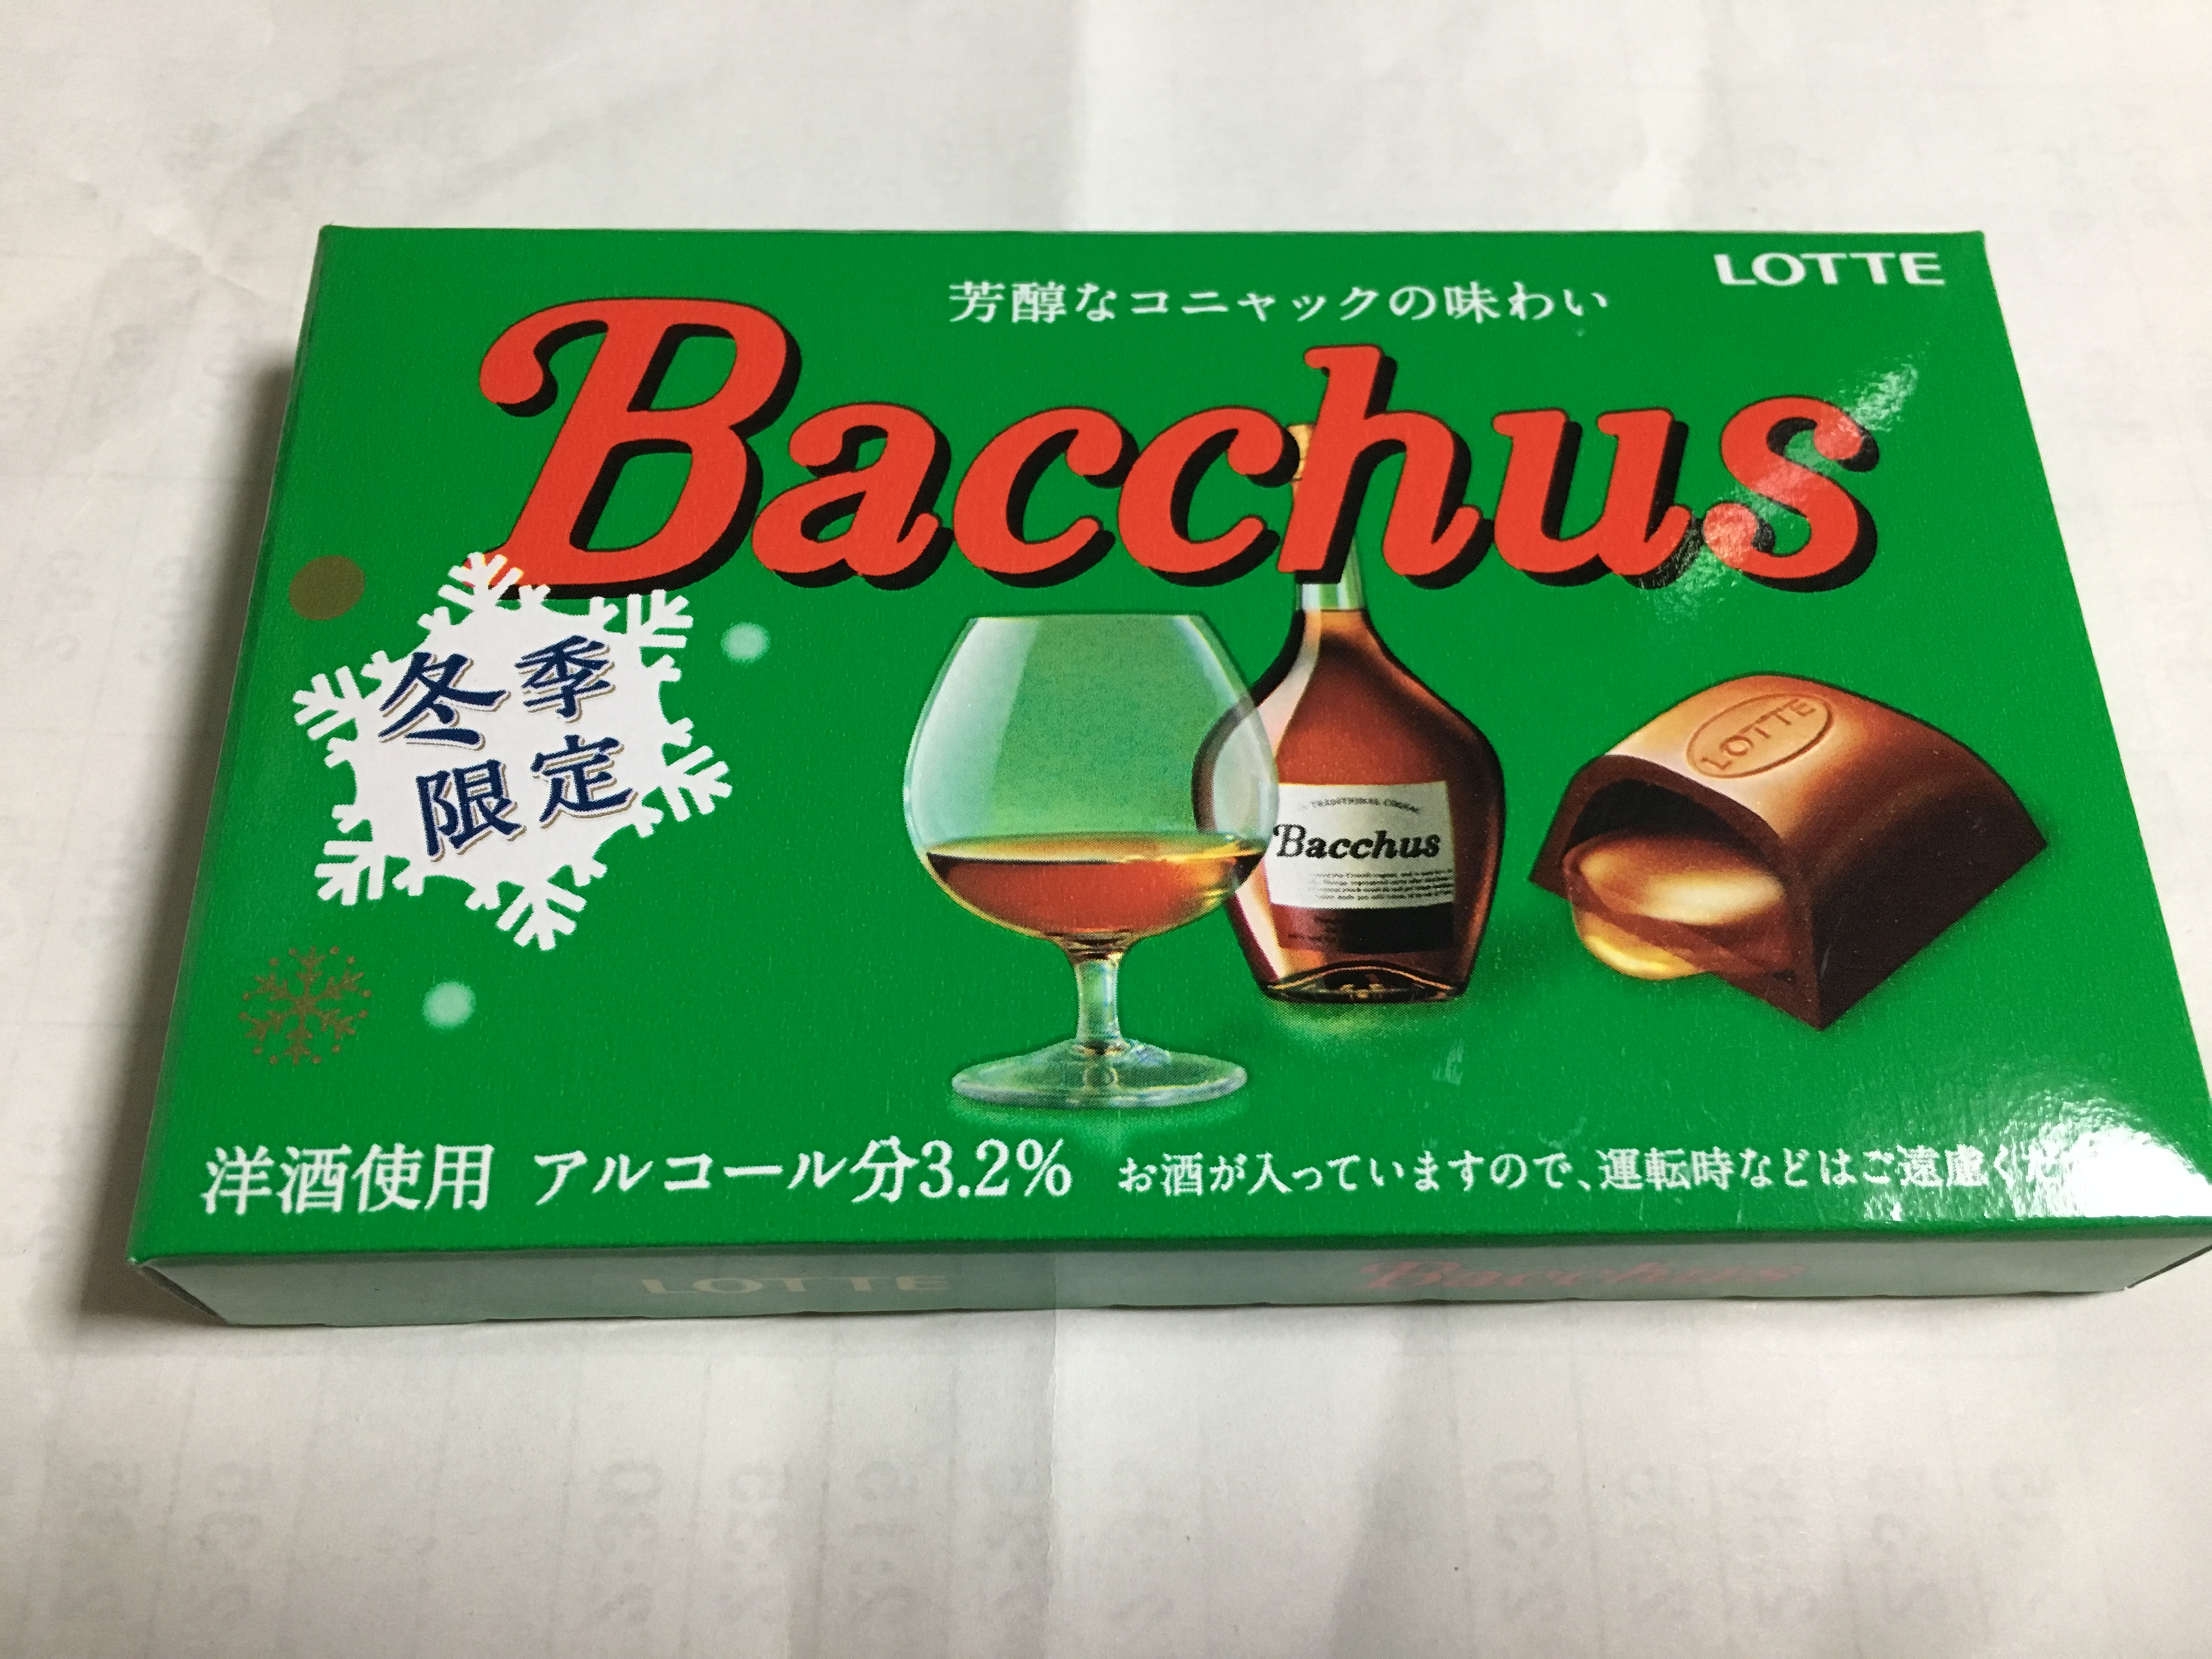 【冬季限定】ロッテのバッカスを試食!お酒の入ったチョコのお味は?